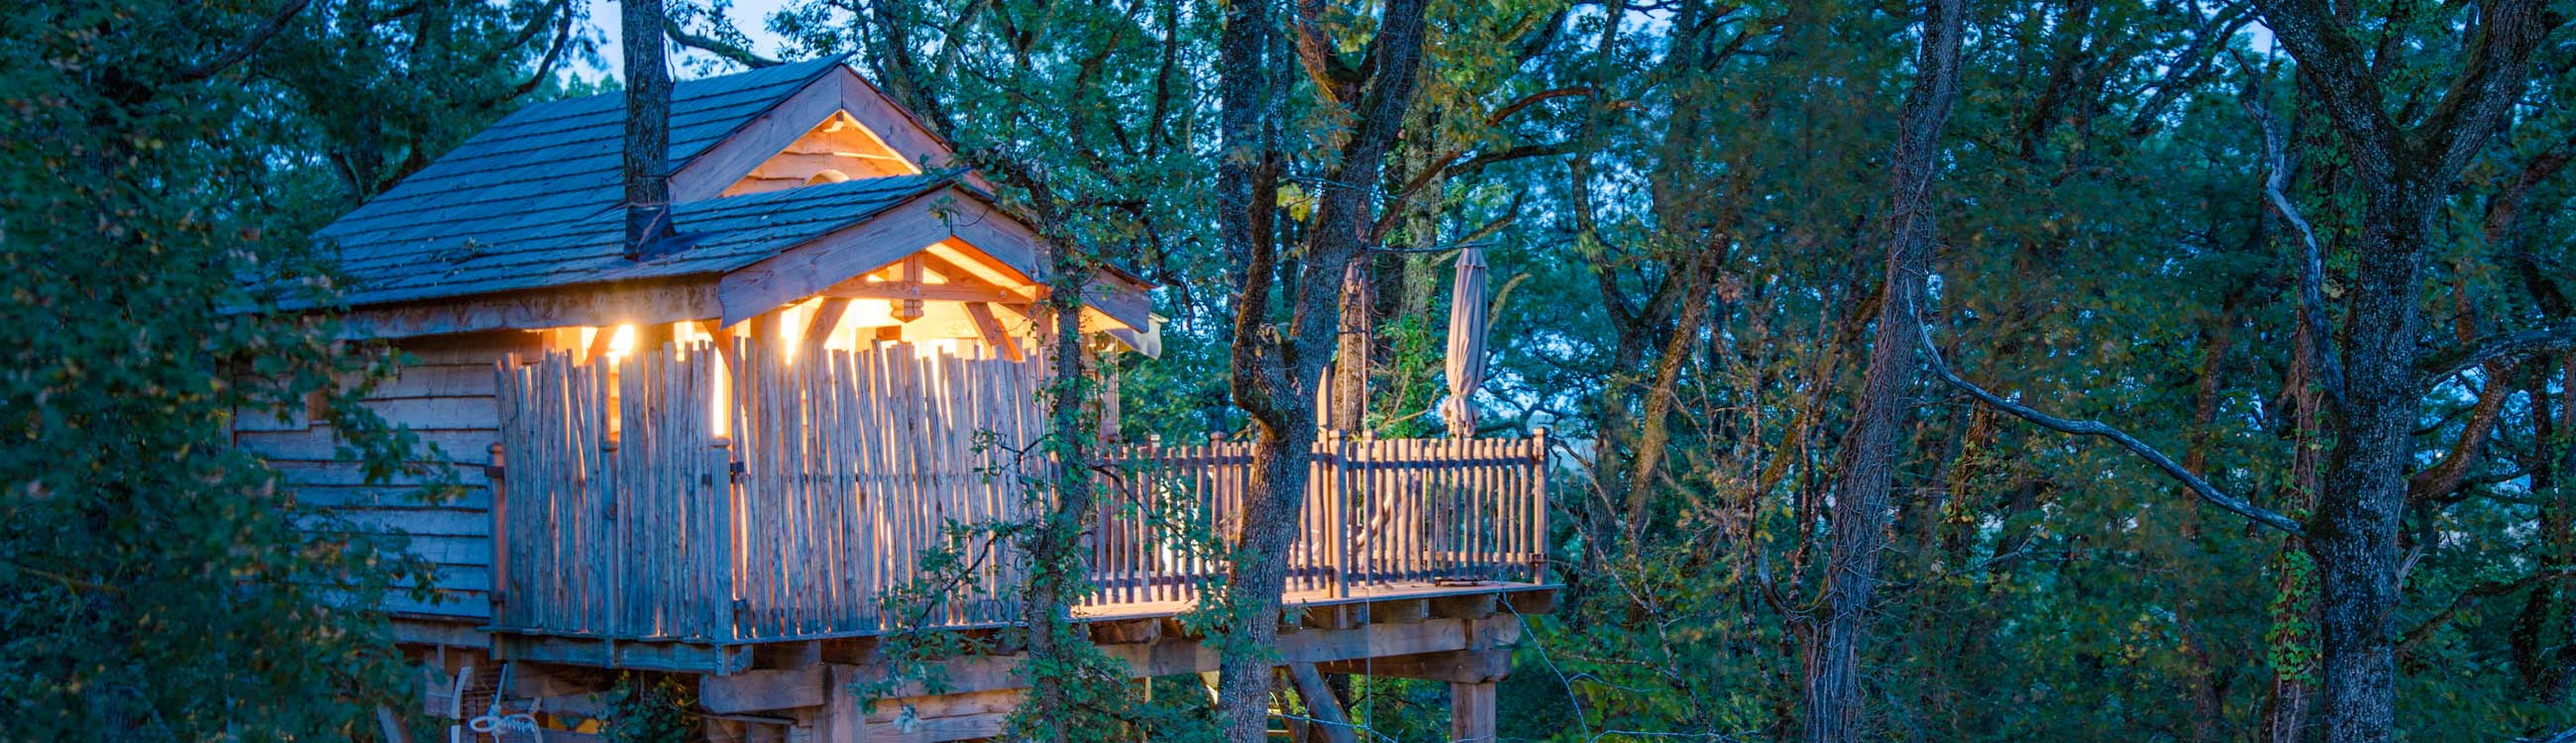 Cabane dans les arbres nuit